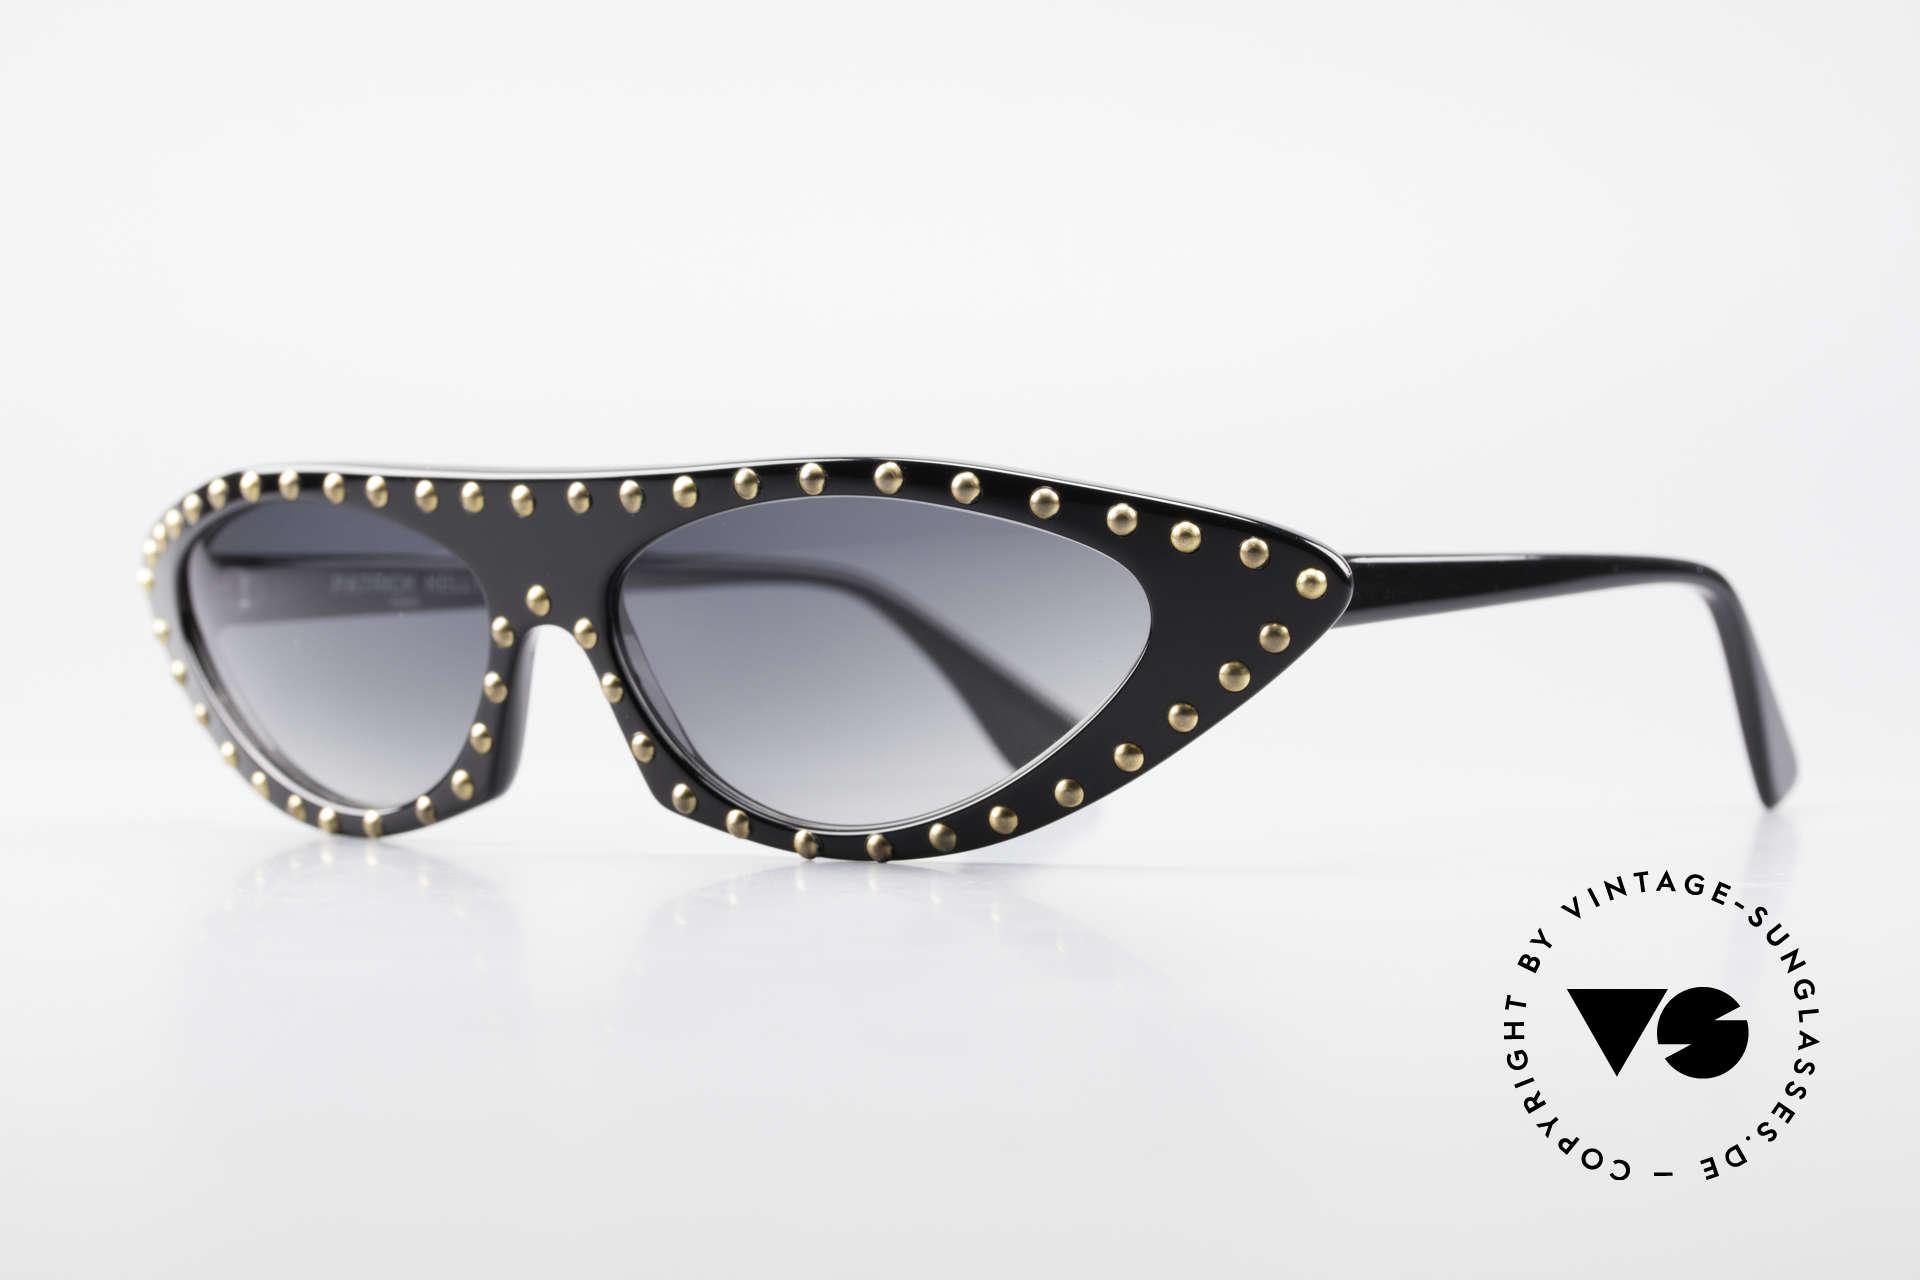 Patrick Kelly Pirate 22 80er Haute Couture Brille, Kenner wissen um den Einfluss P. Kellys auf die HC, Passend für Damen